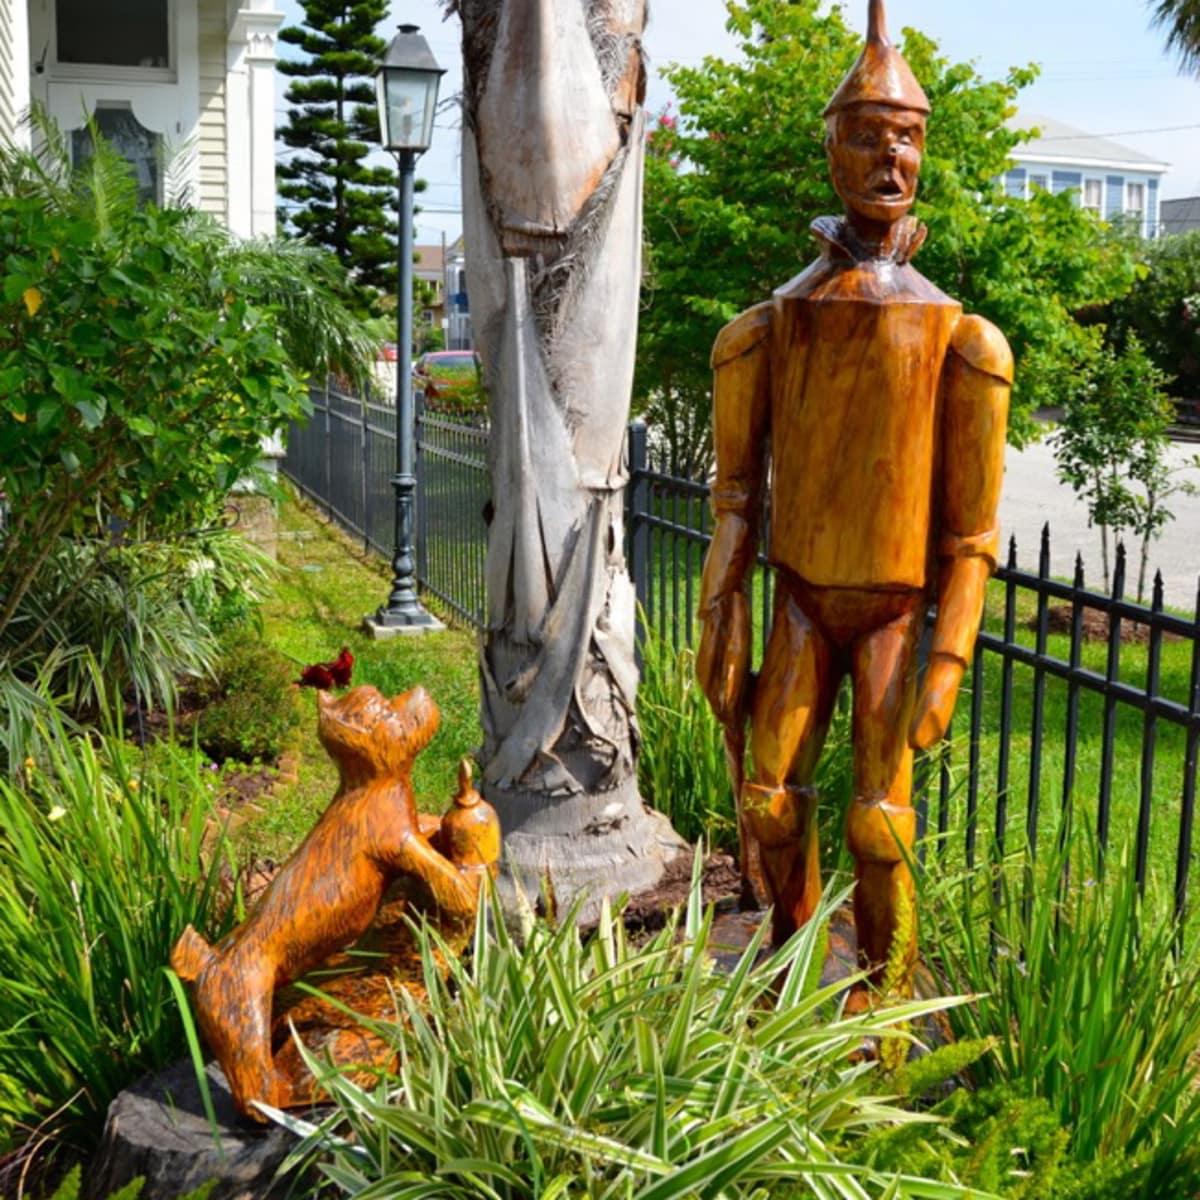 Galveston tree sculpture